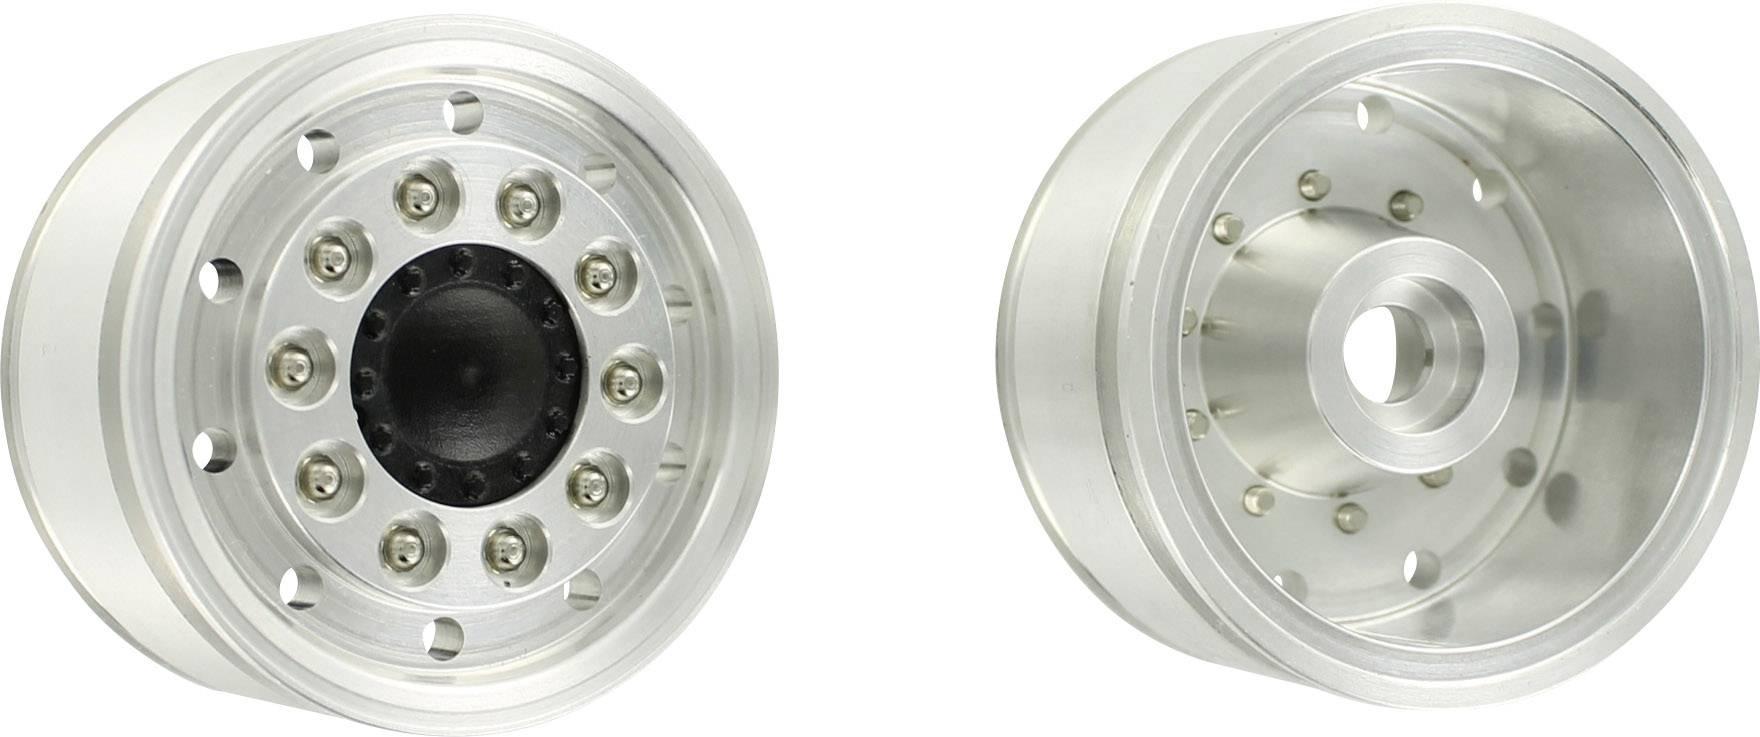 Hliníkové predné ráfiky na model ťahača Carson Modellsport 500907159, 1:14, 2 ks